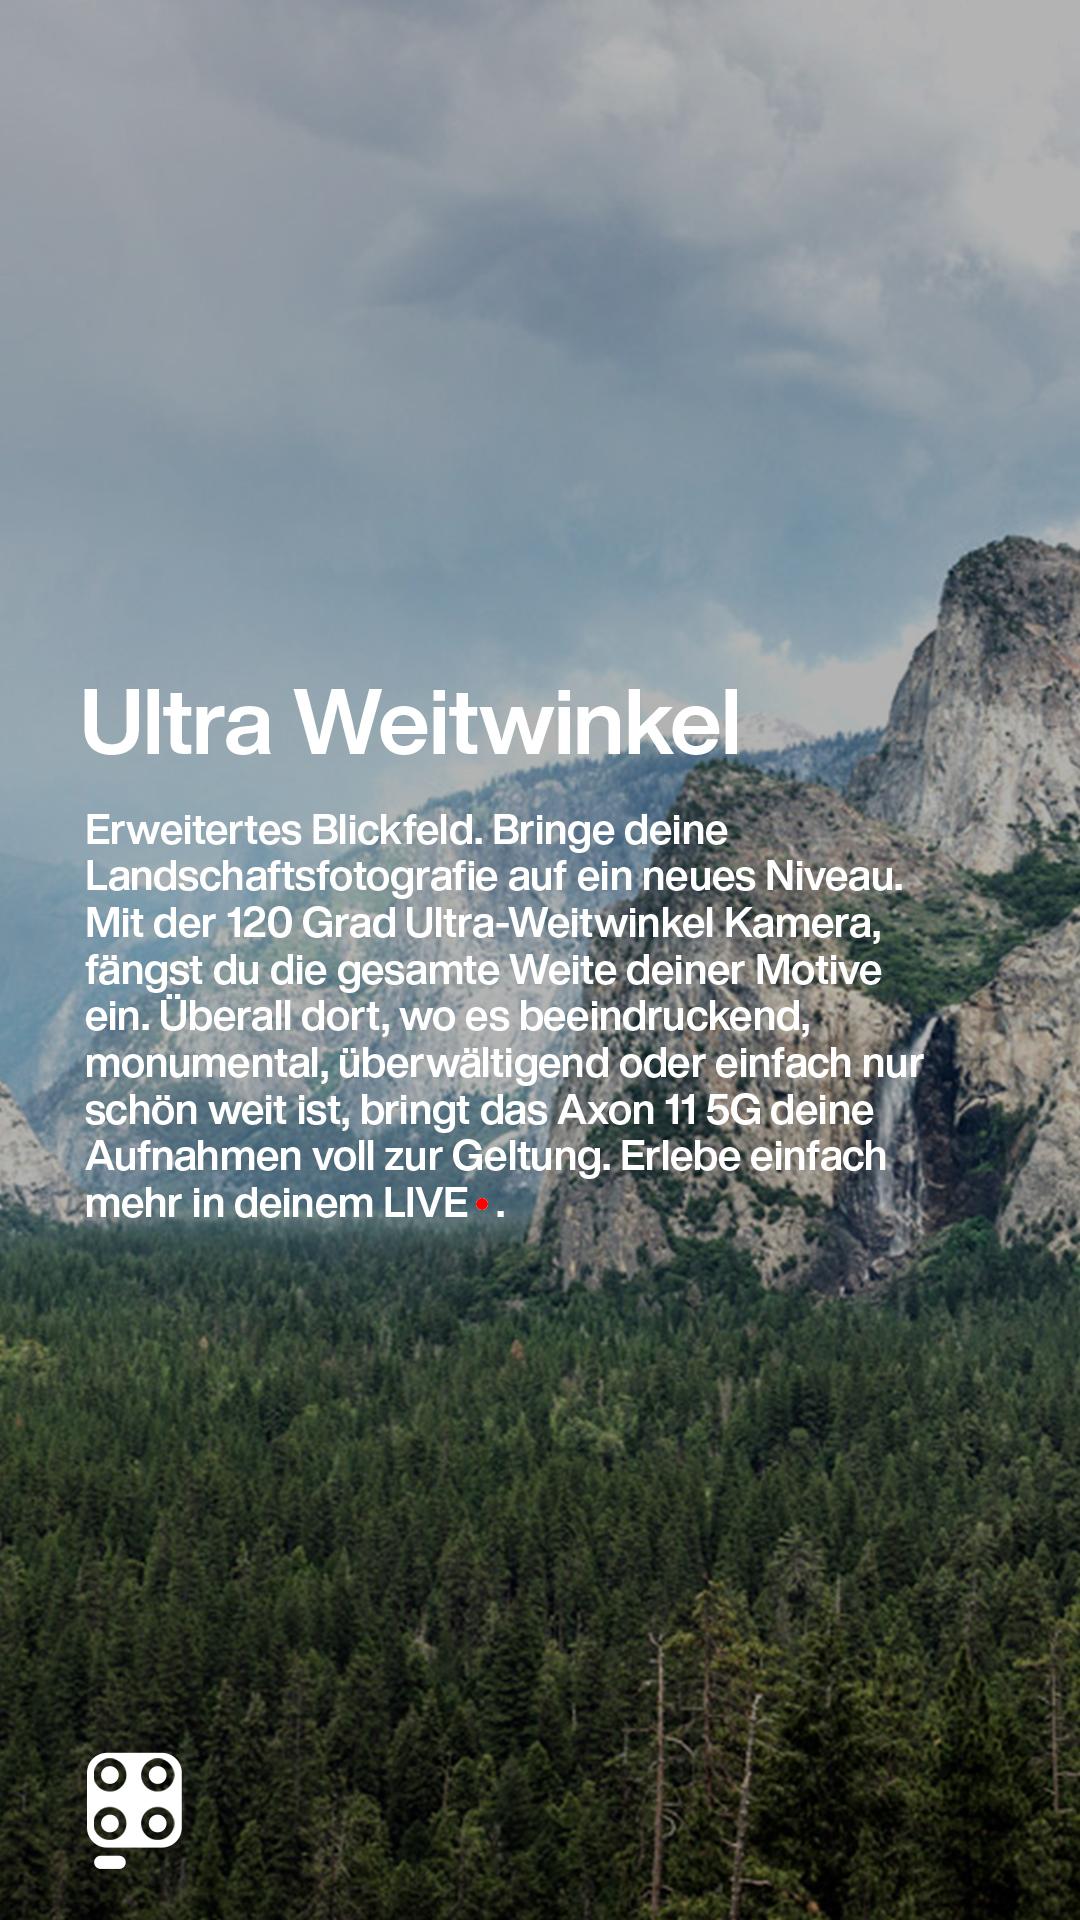 weitwinkel bild von berglandschaft responsiv